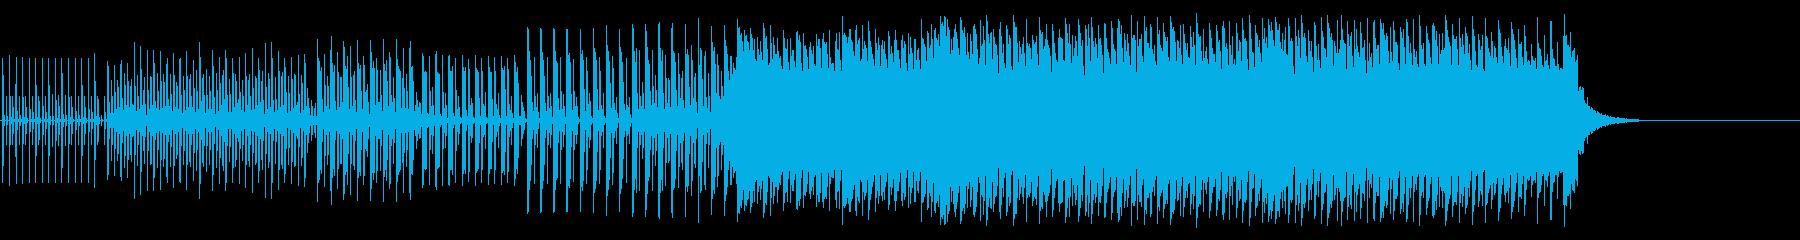 機械 ドキュメント 報道 不思議の再生済みの波形